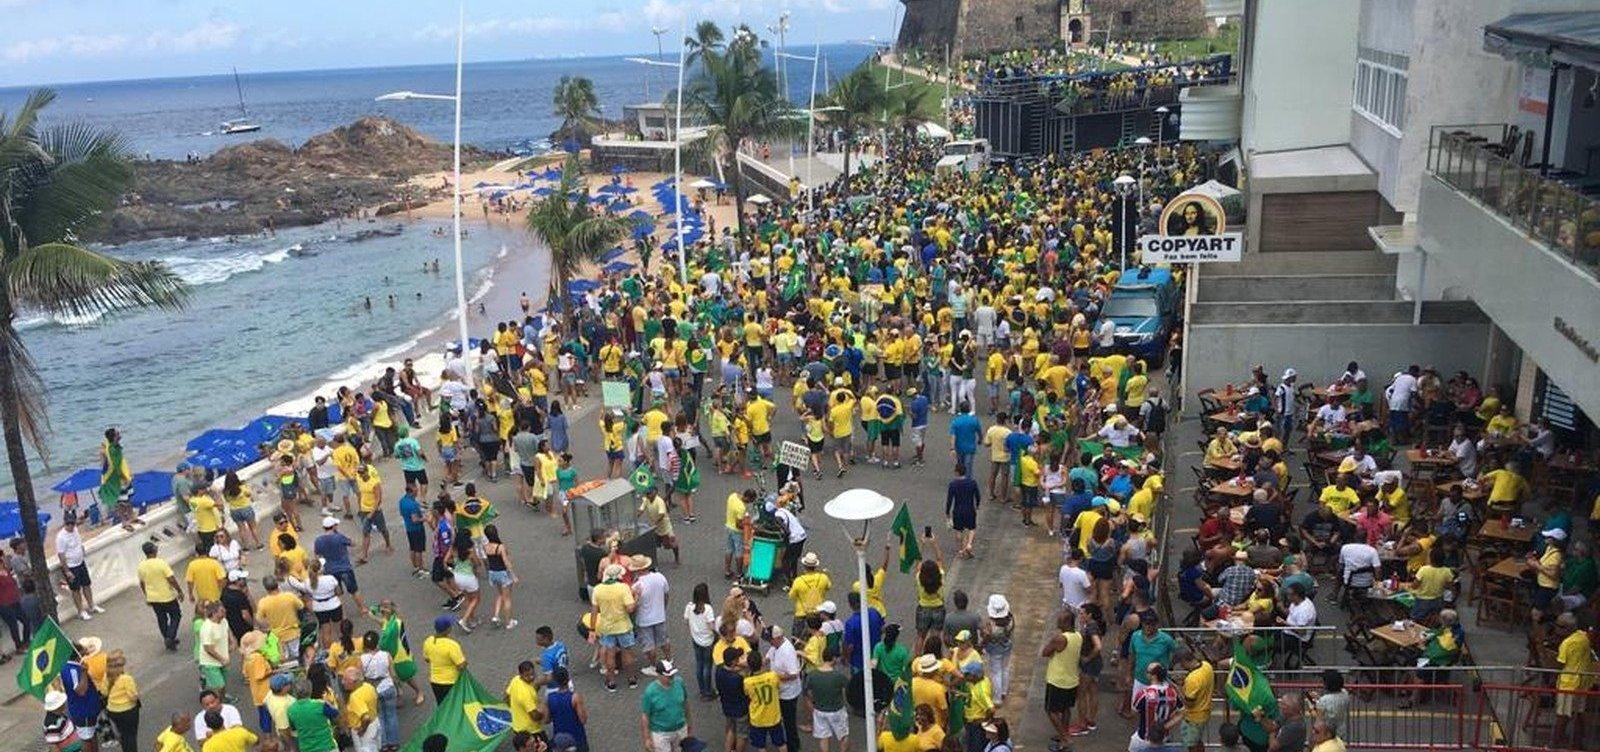 [Ato pró-Bolsonaro leva centenas de pessoas à Barra em Salvador]